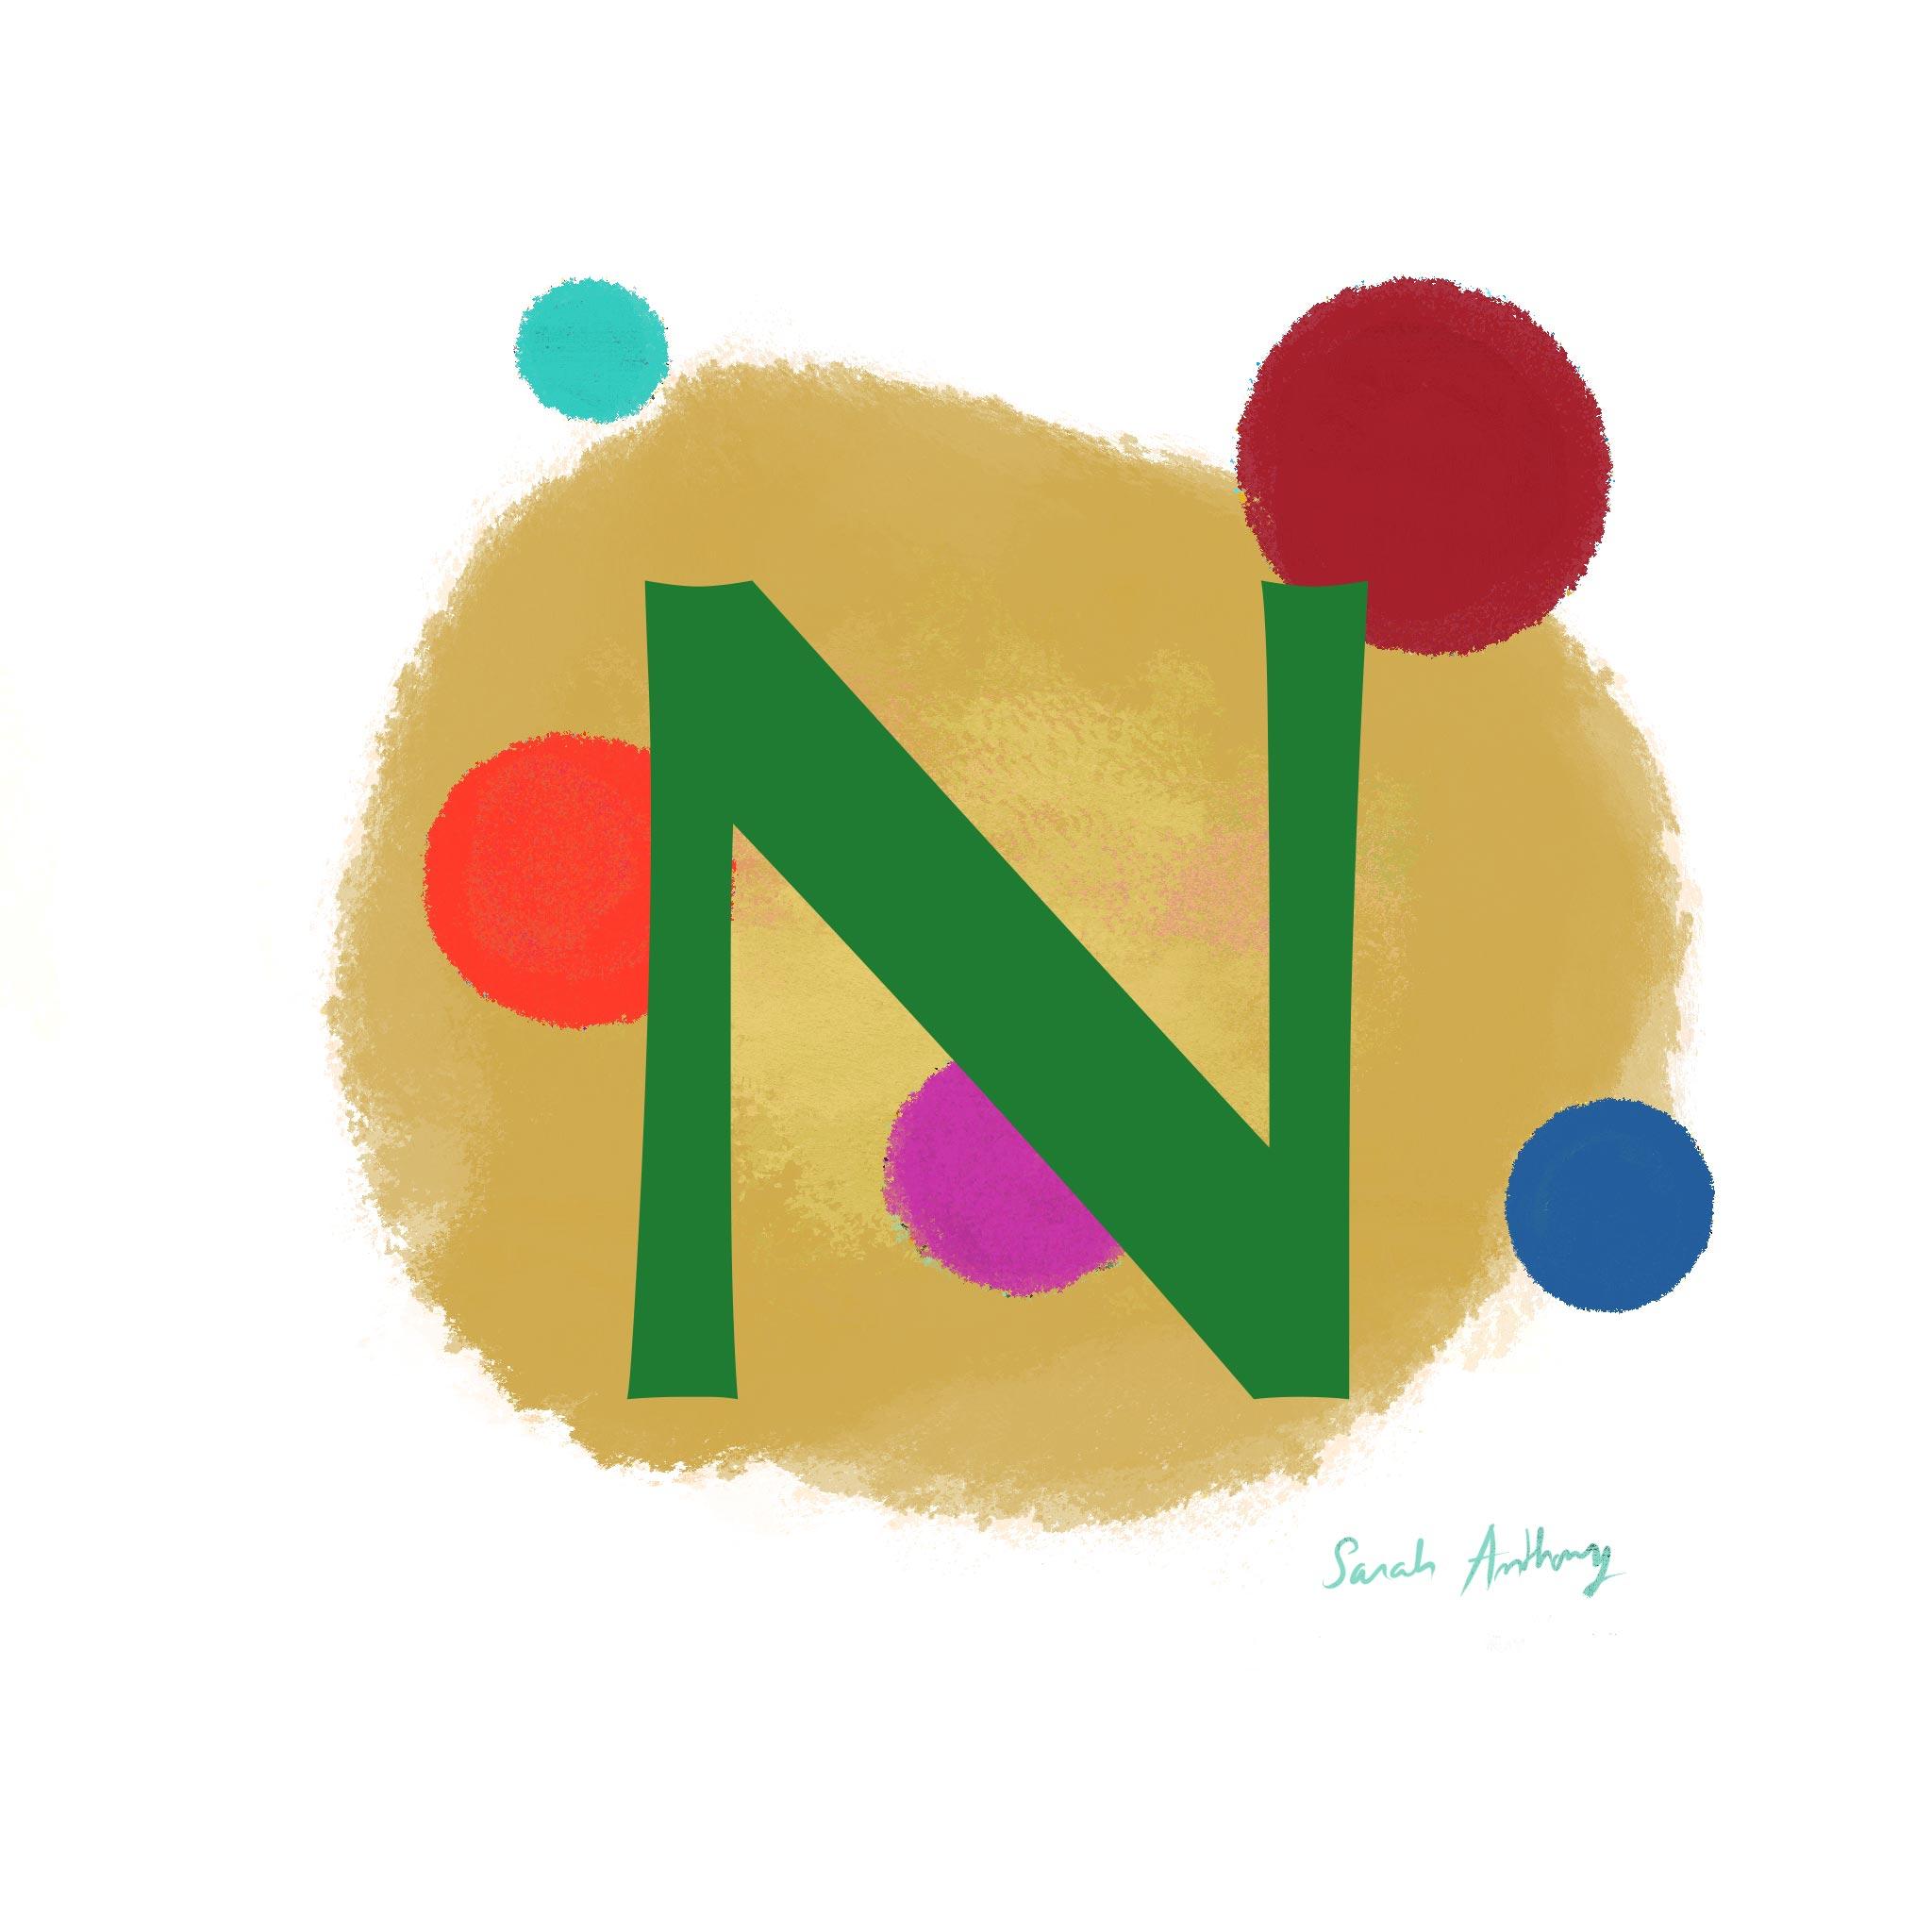 N-r-duit-sarah-anthony